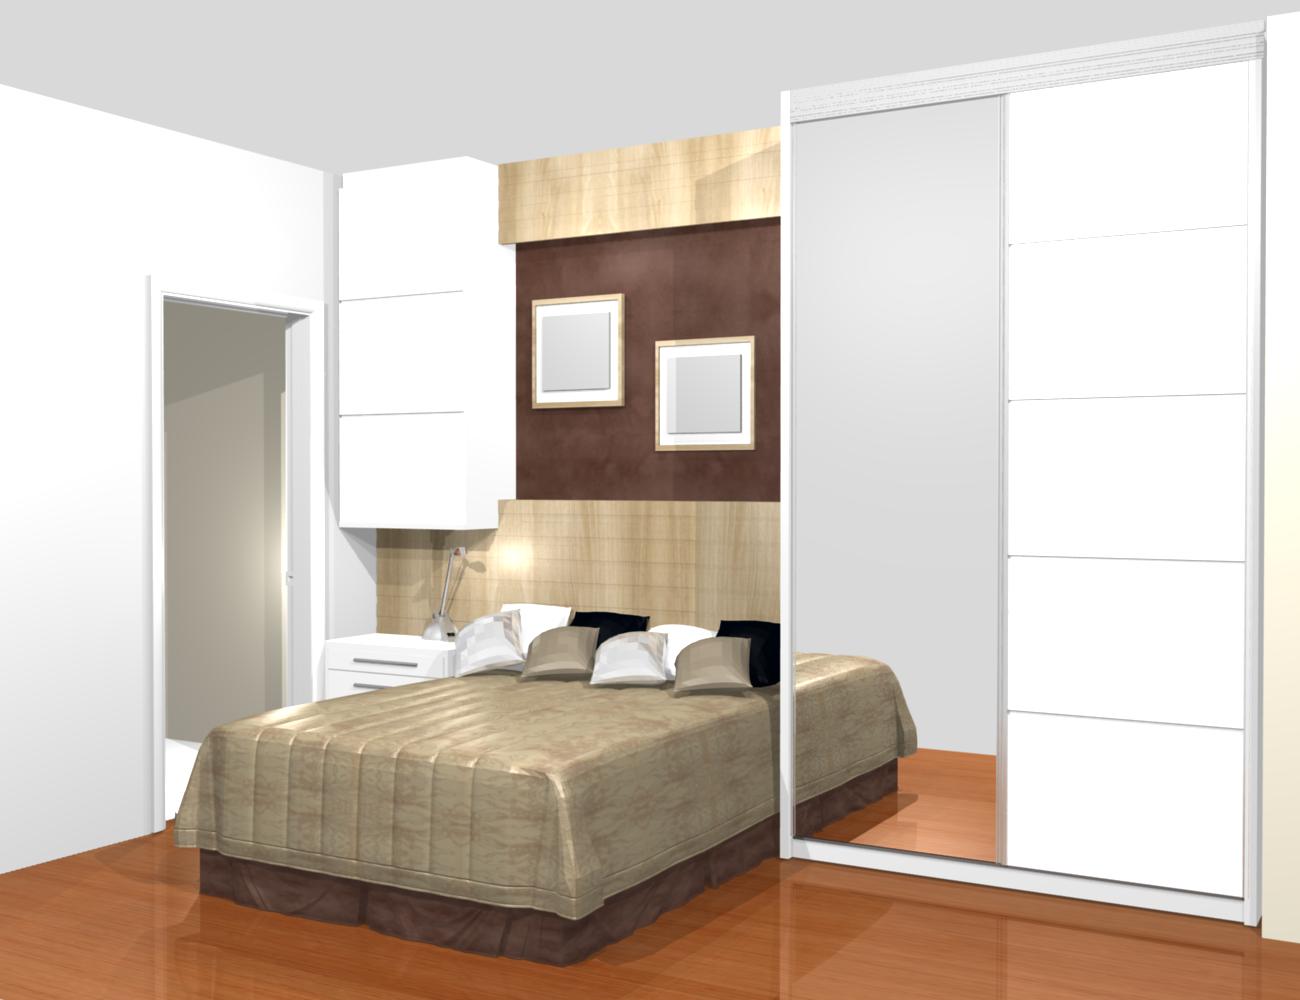 M veis planejados marcenaria casacor noivas painel laca - Armarios para dormitorios pequenos ...